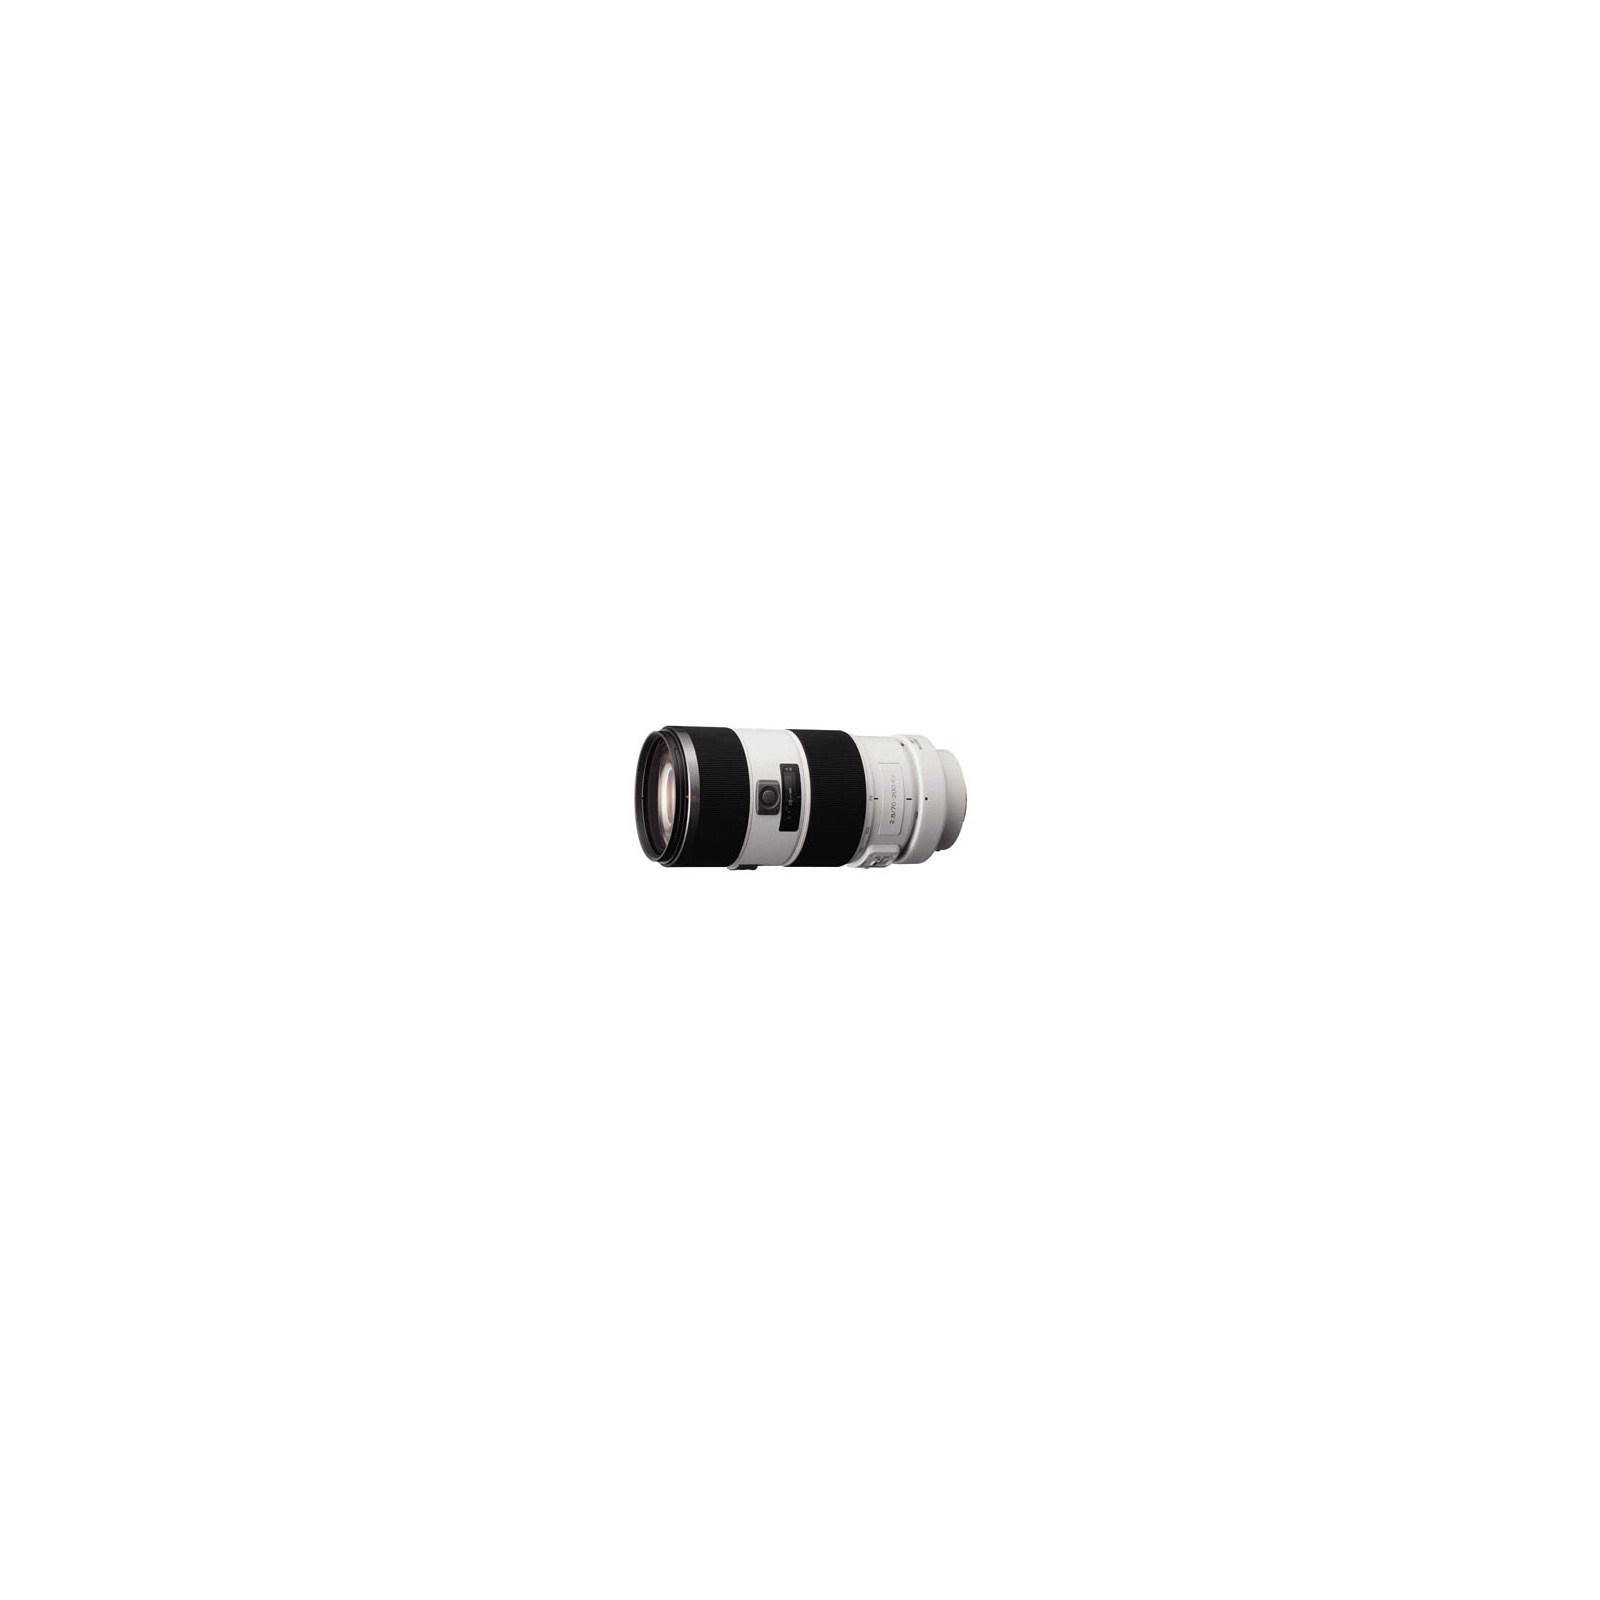 Объектив SONY 70-200mm f/2.8 G-Lens (SAL70200G.AE)